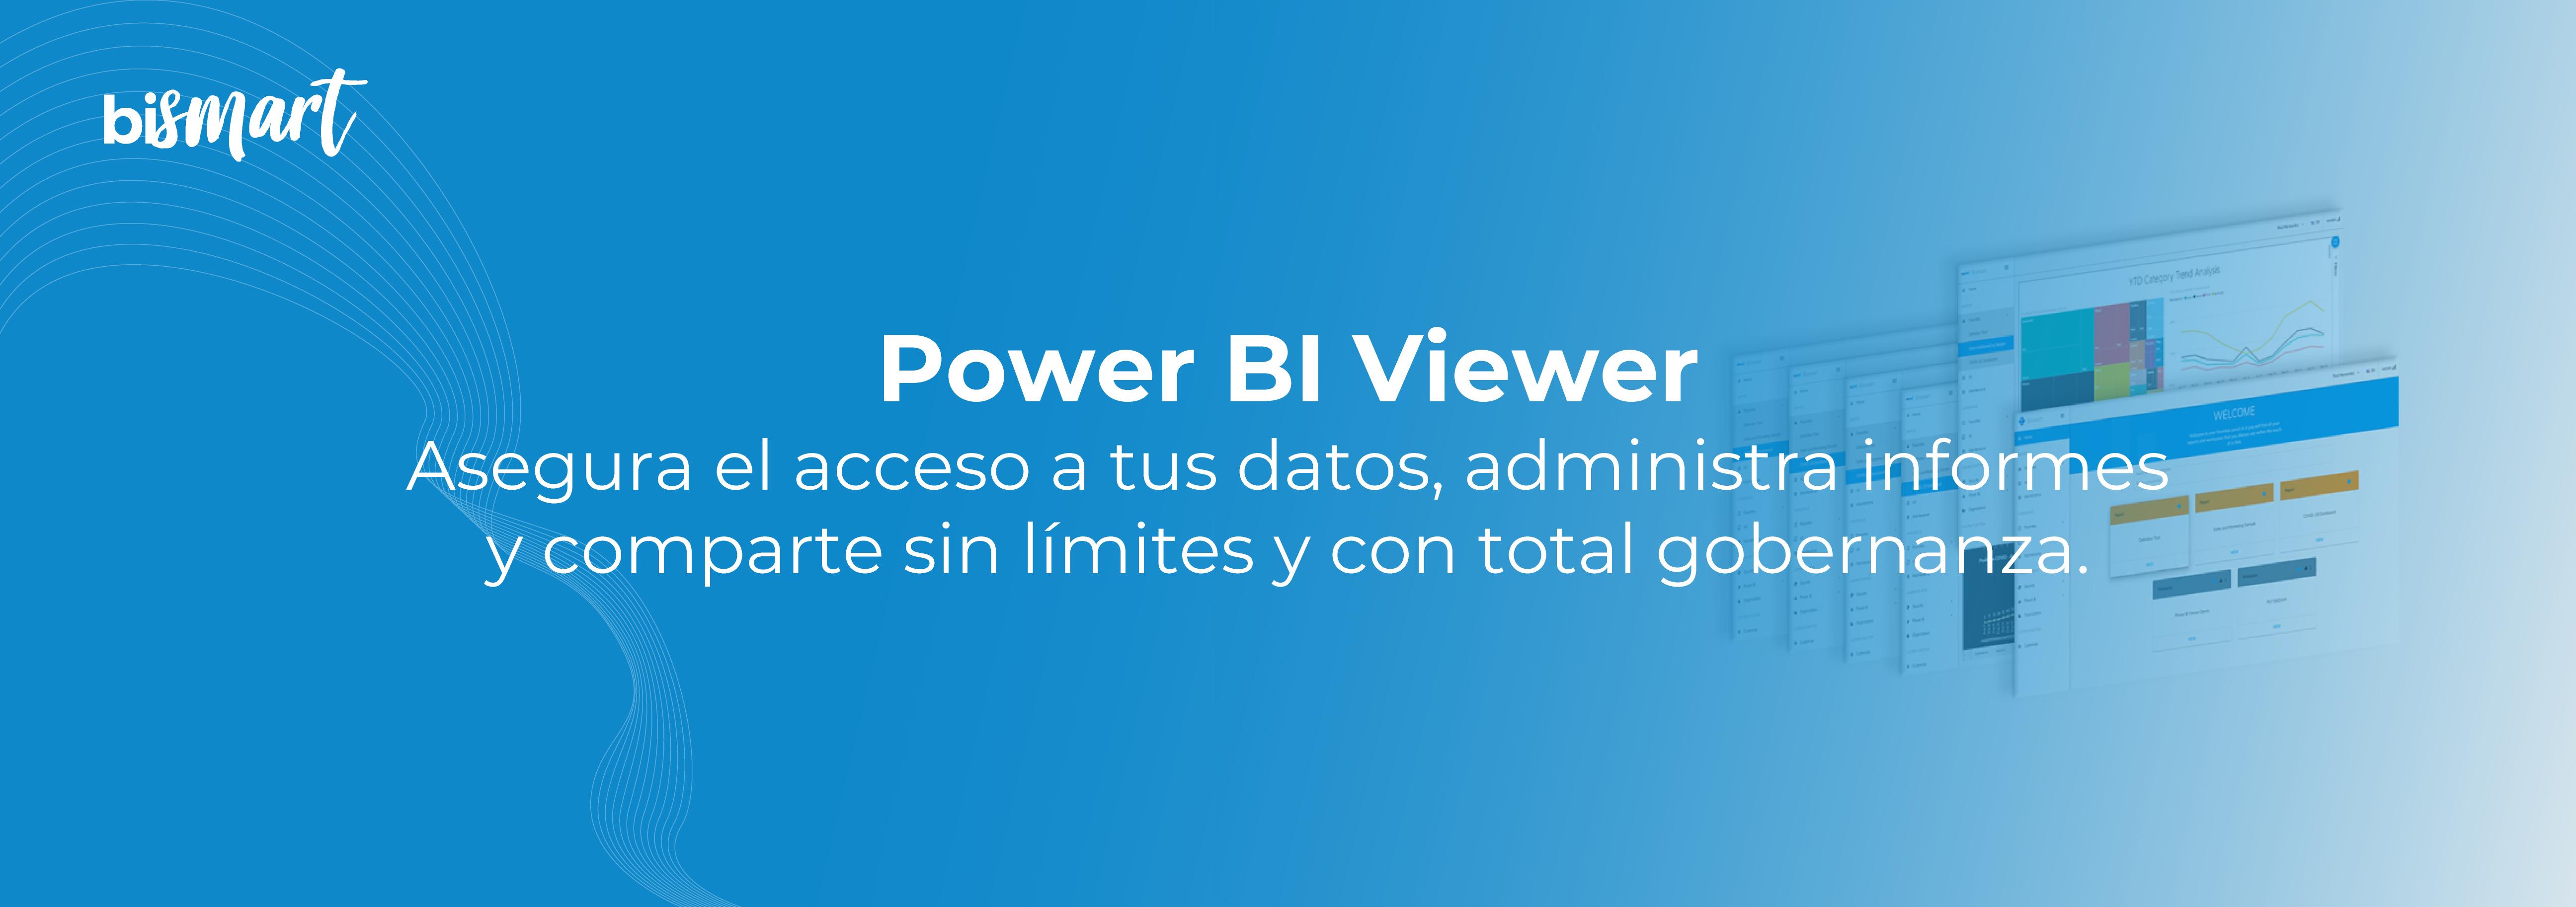 PowerBI-Viewer-Landing-ES-01-2